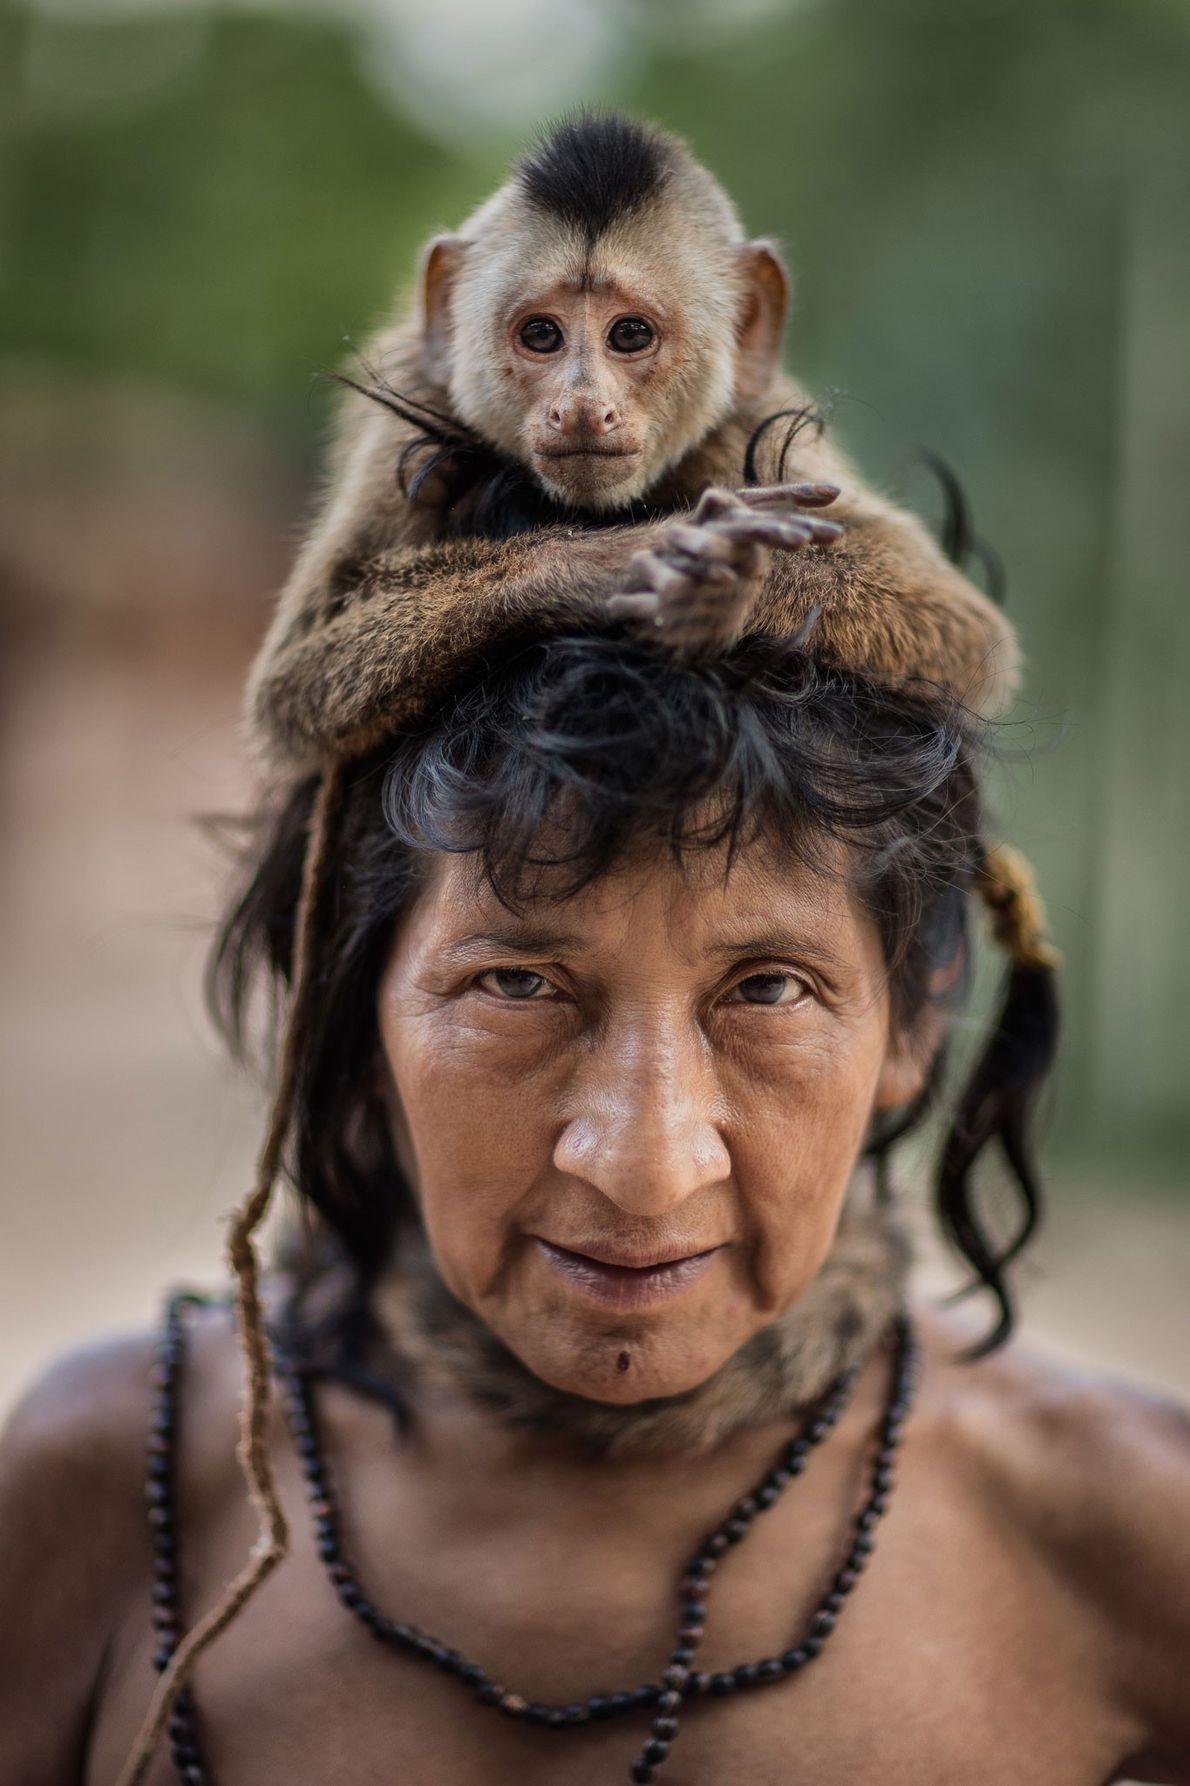 Ximirapi hatte nie eigene Kinder und lebt mit ihrem Äffchen zusammen. Tiracambu Awã-Gemeinschaft, Maranhão, Brasilien